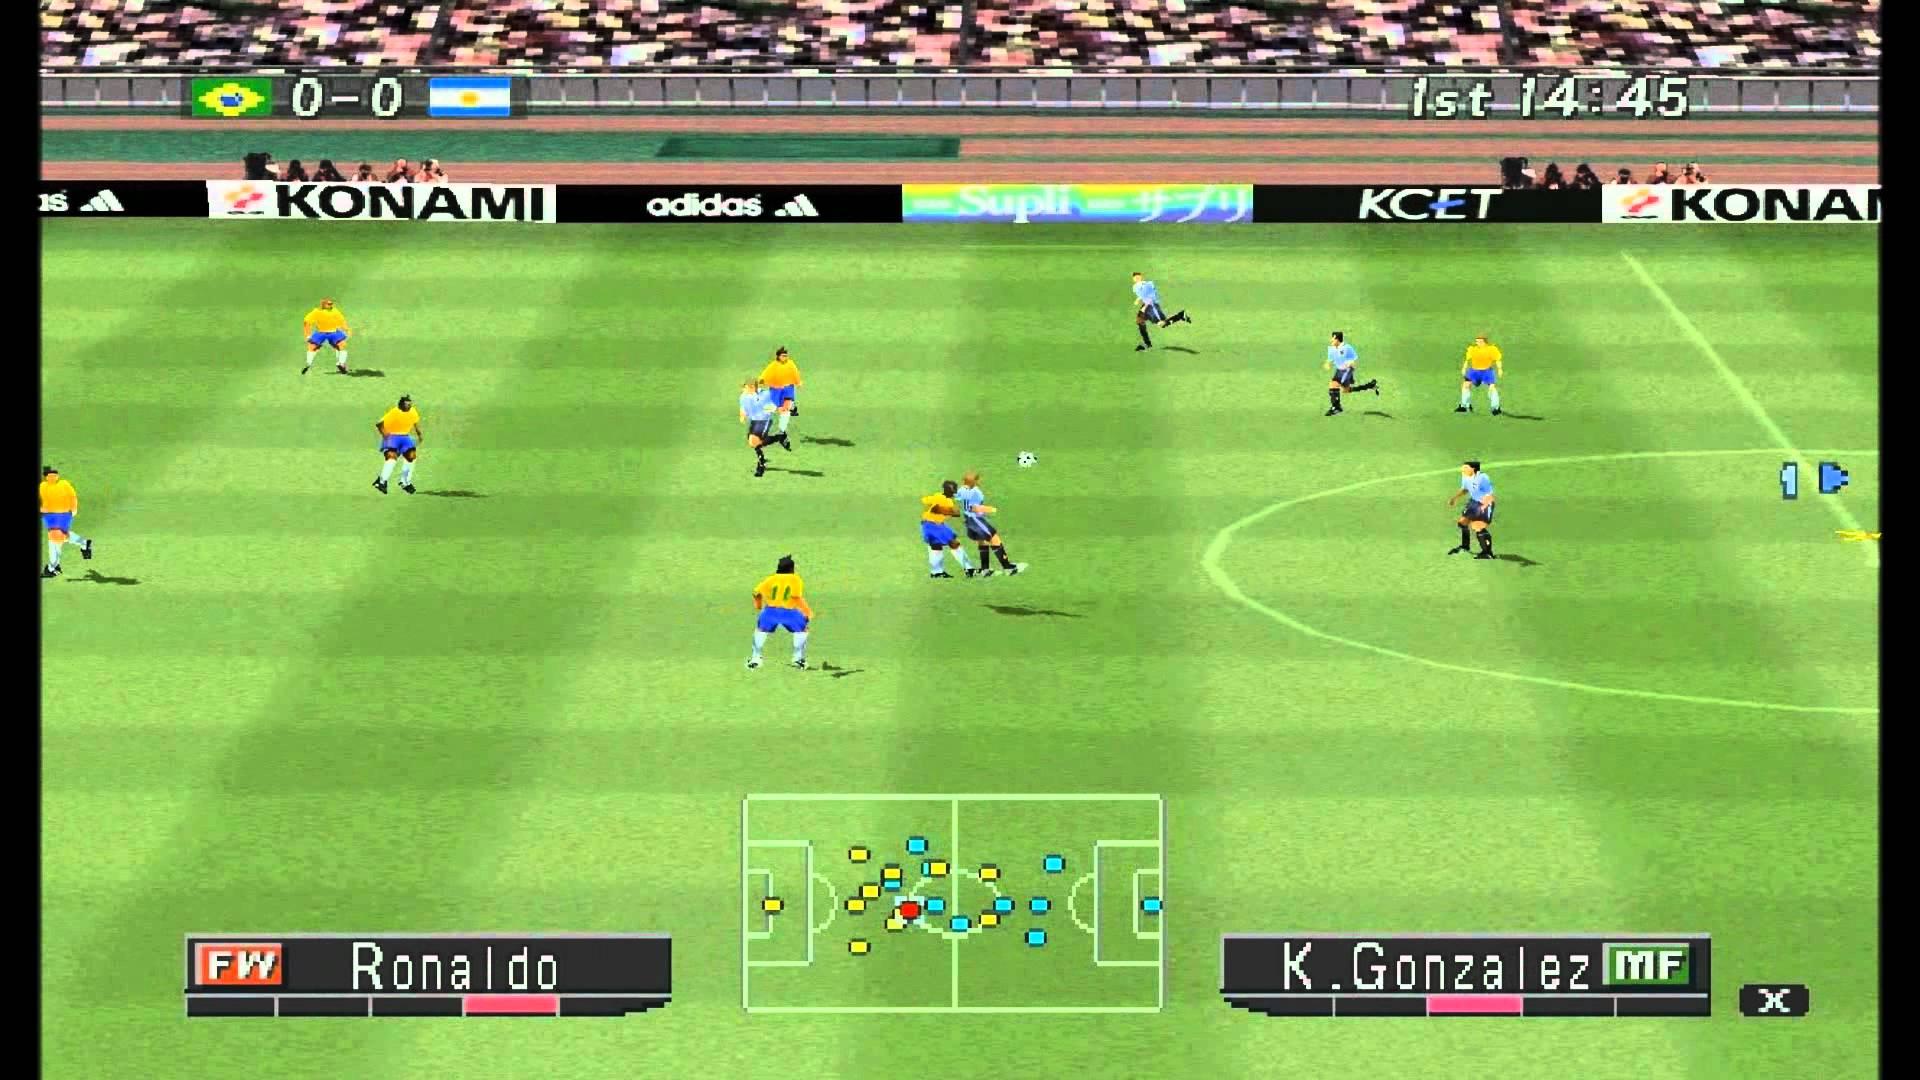 Nostalgia Dengan Game Sepakbola Fenomenal Di PS1